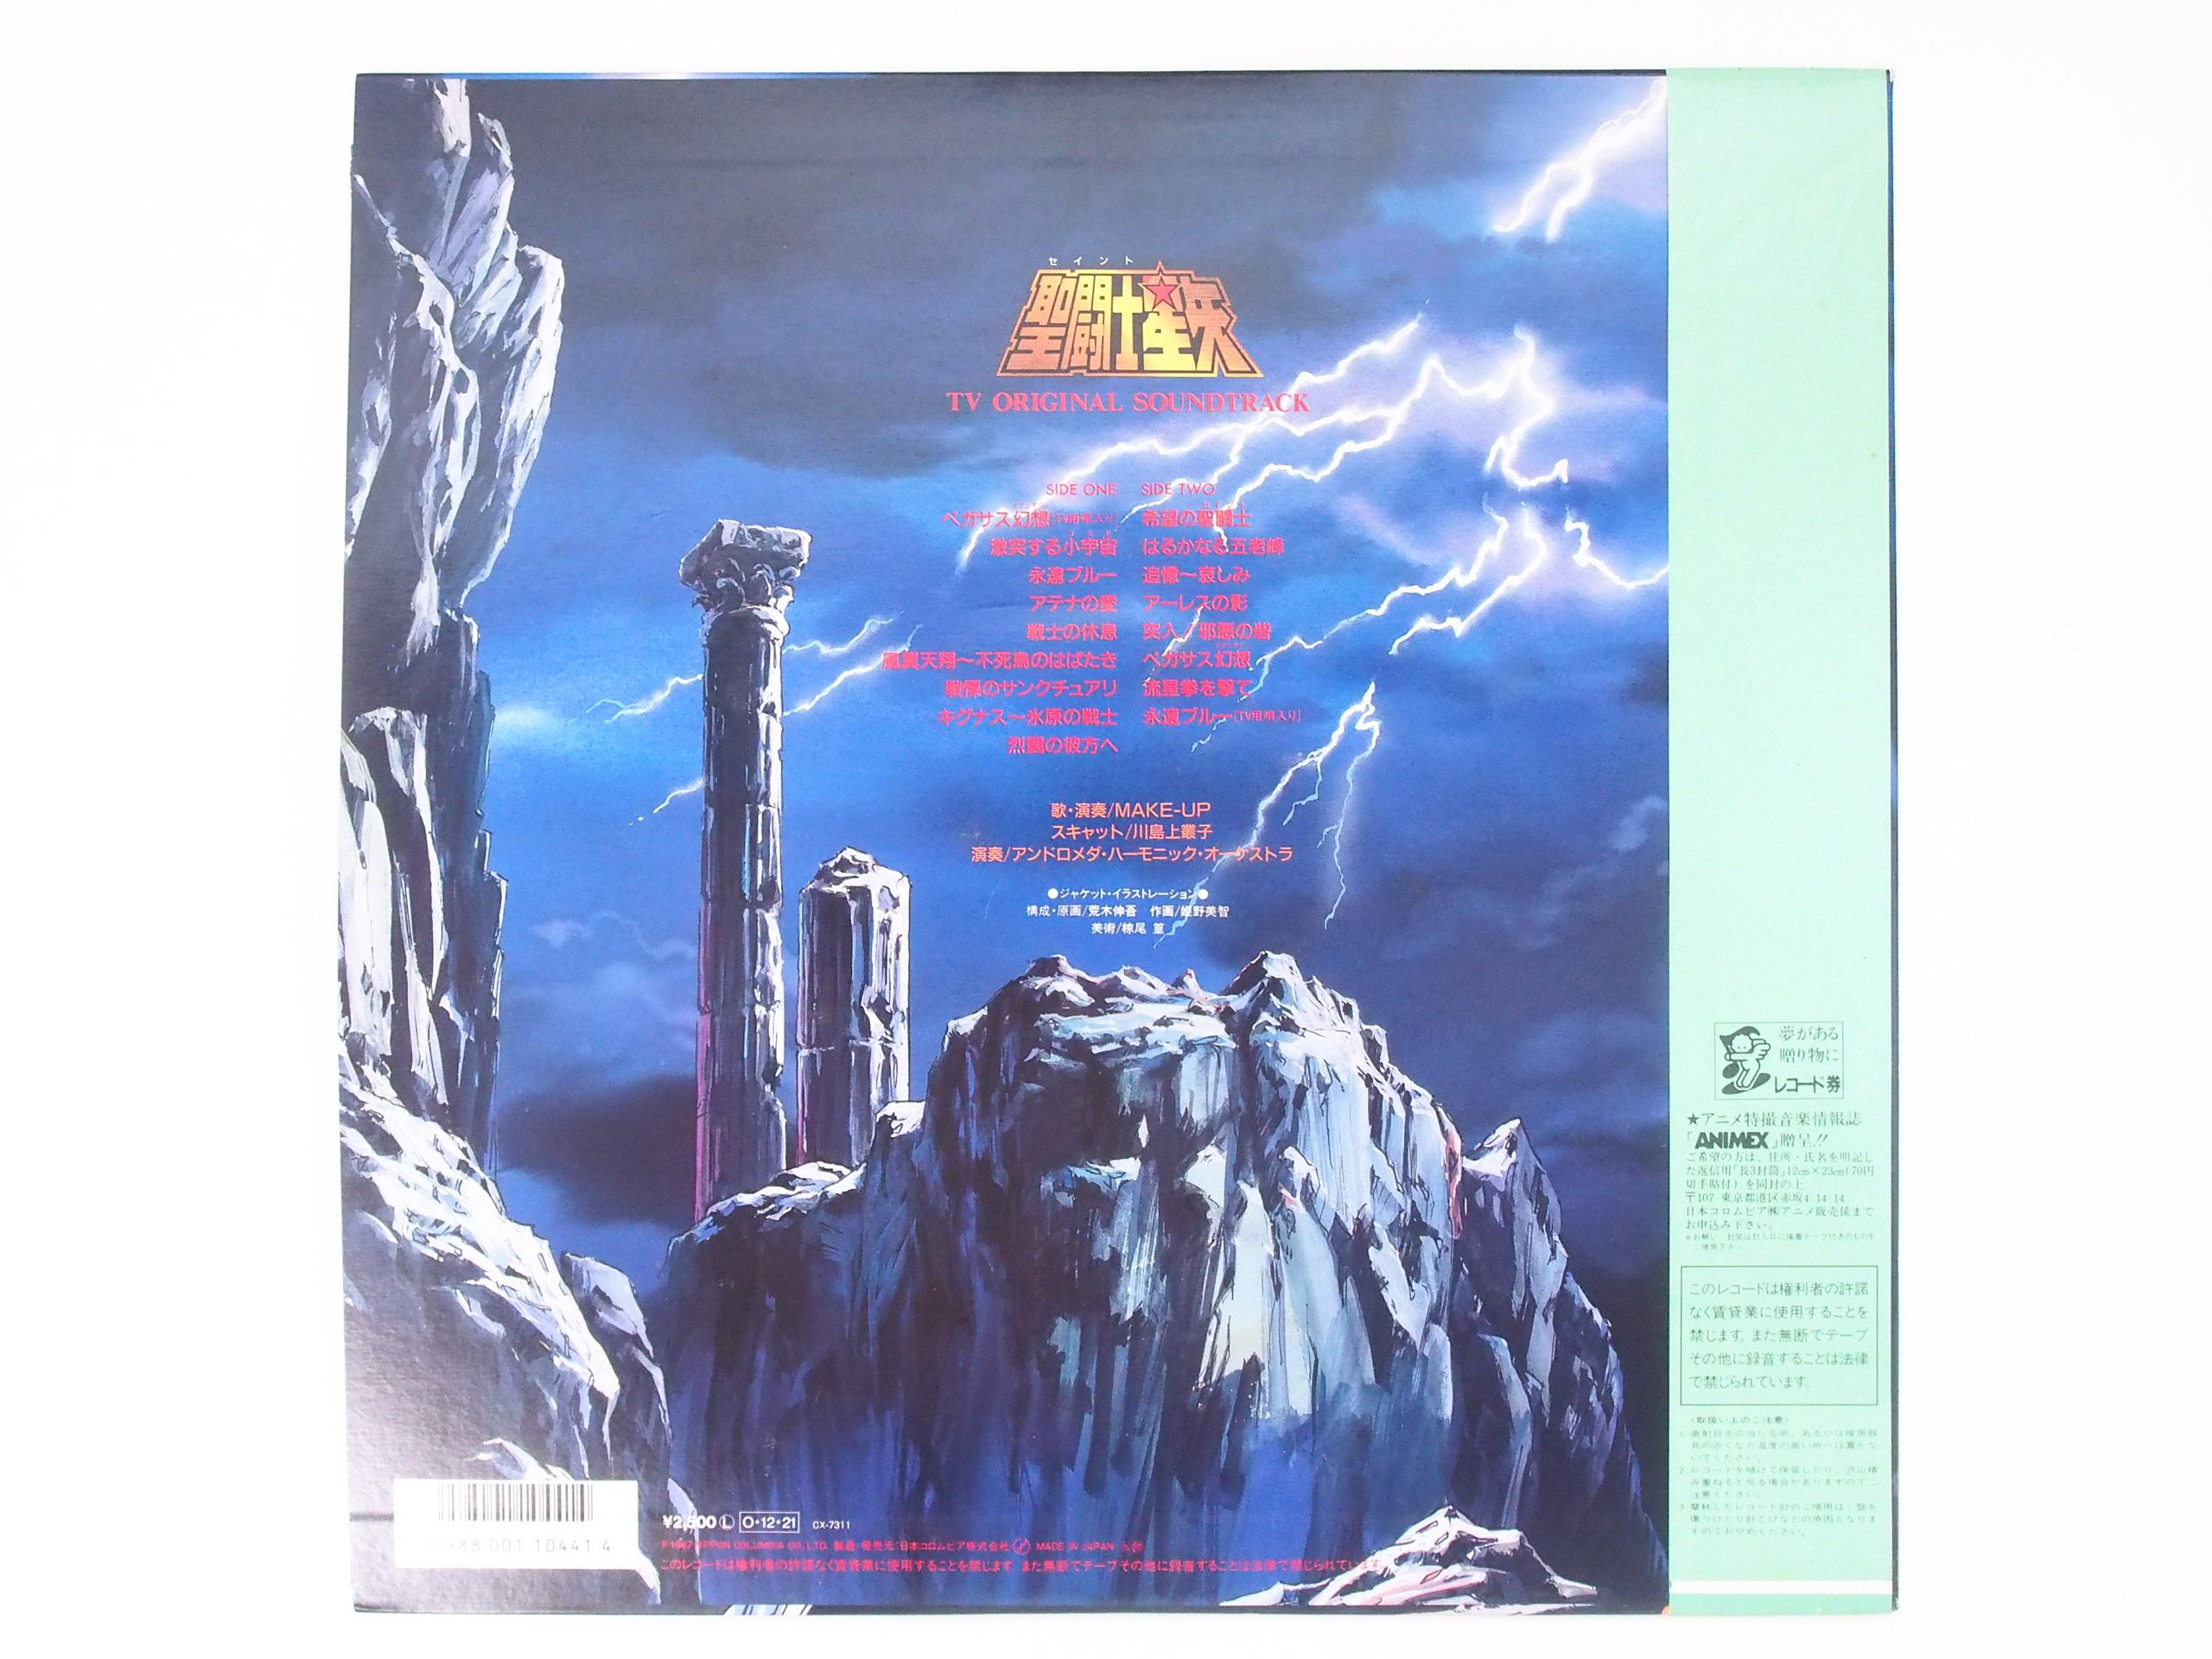 高価買取した聖闘士星矢 音楽集III 帯付きの背表紙